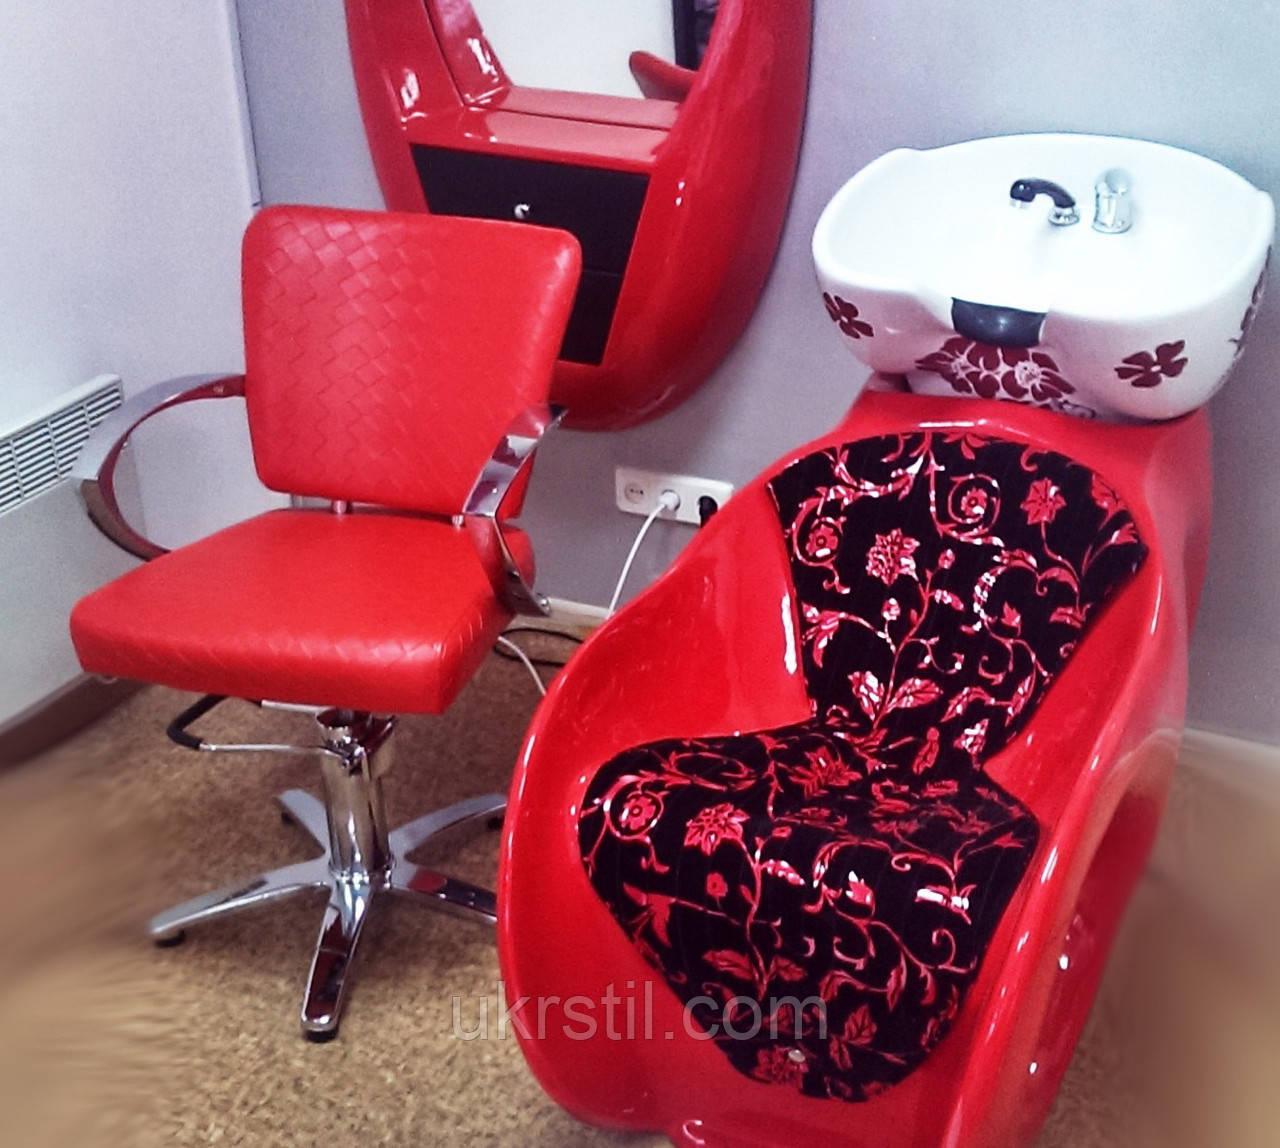 Кресло парикмахерское 38006191 red